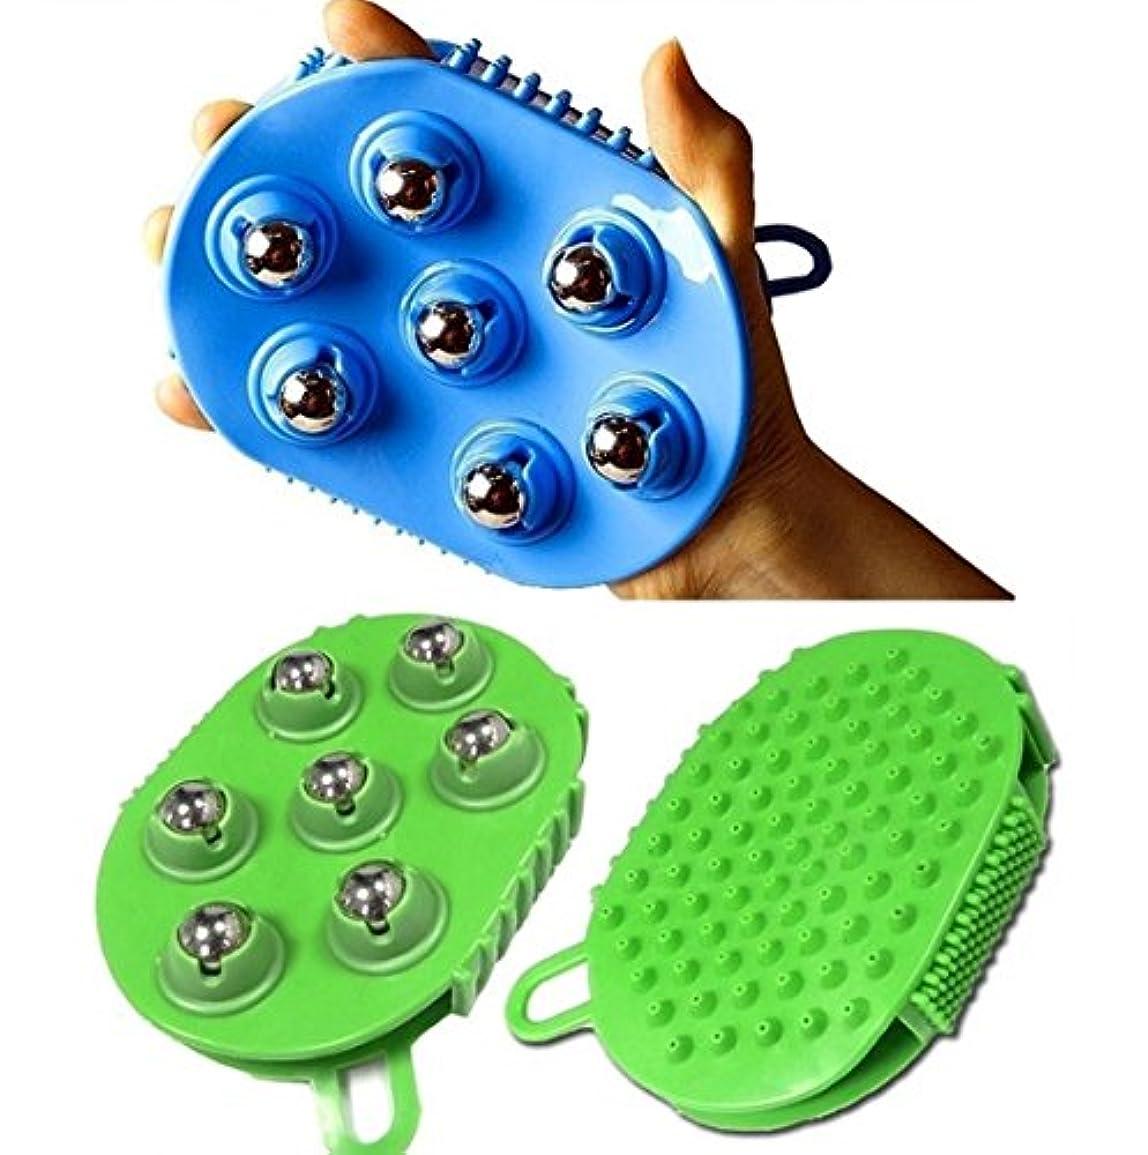 関係する逆さまに文明ステンレススチールボールマッサージブラシグローブ7ローリング 360度回転 / Stainless steel Ball Massage Brush Glove 7 Rolling 360 degree rotation...